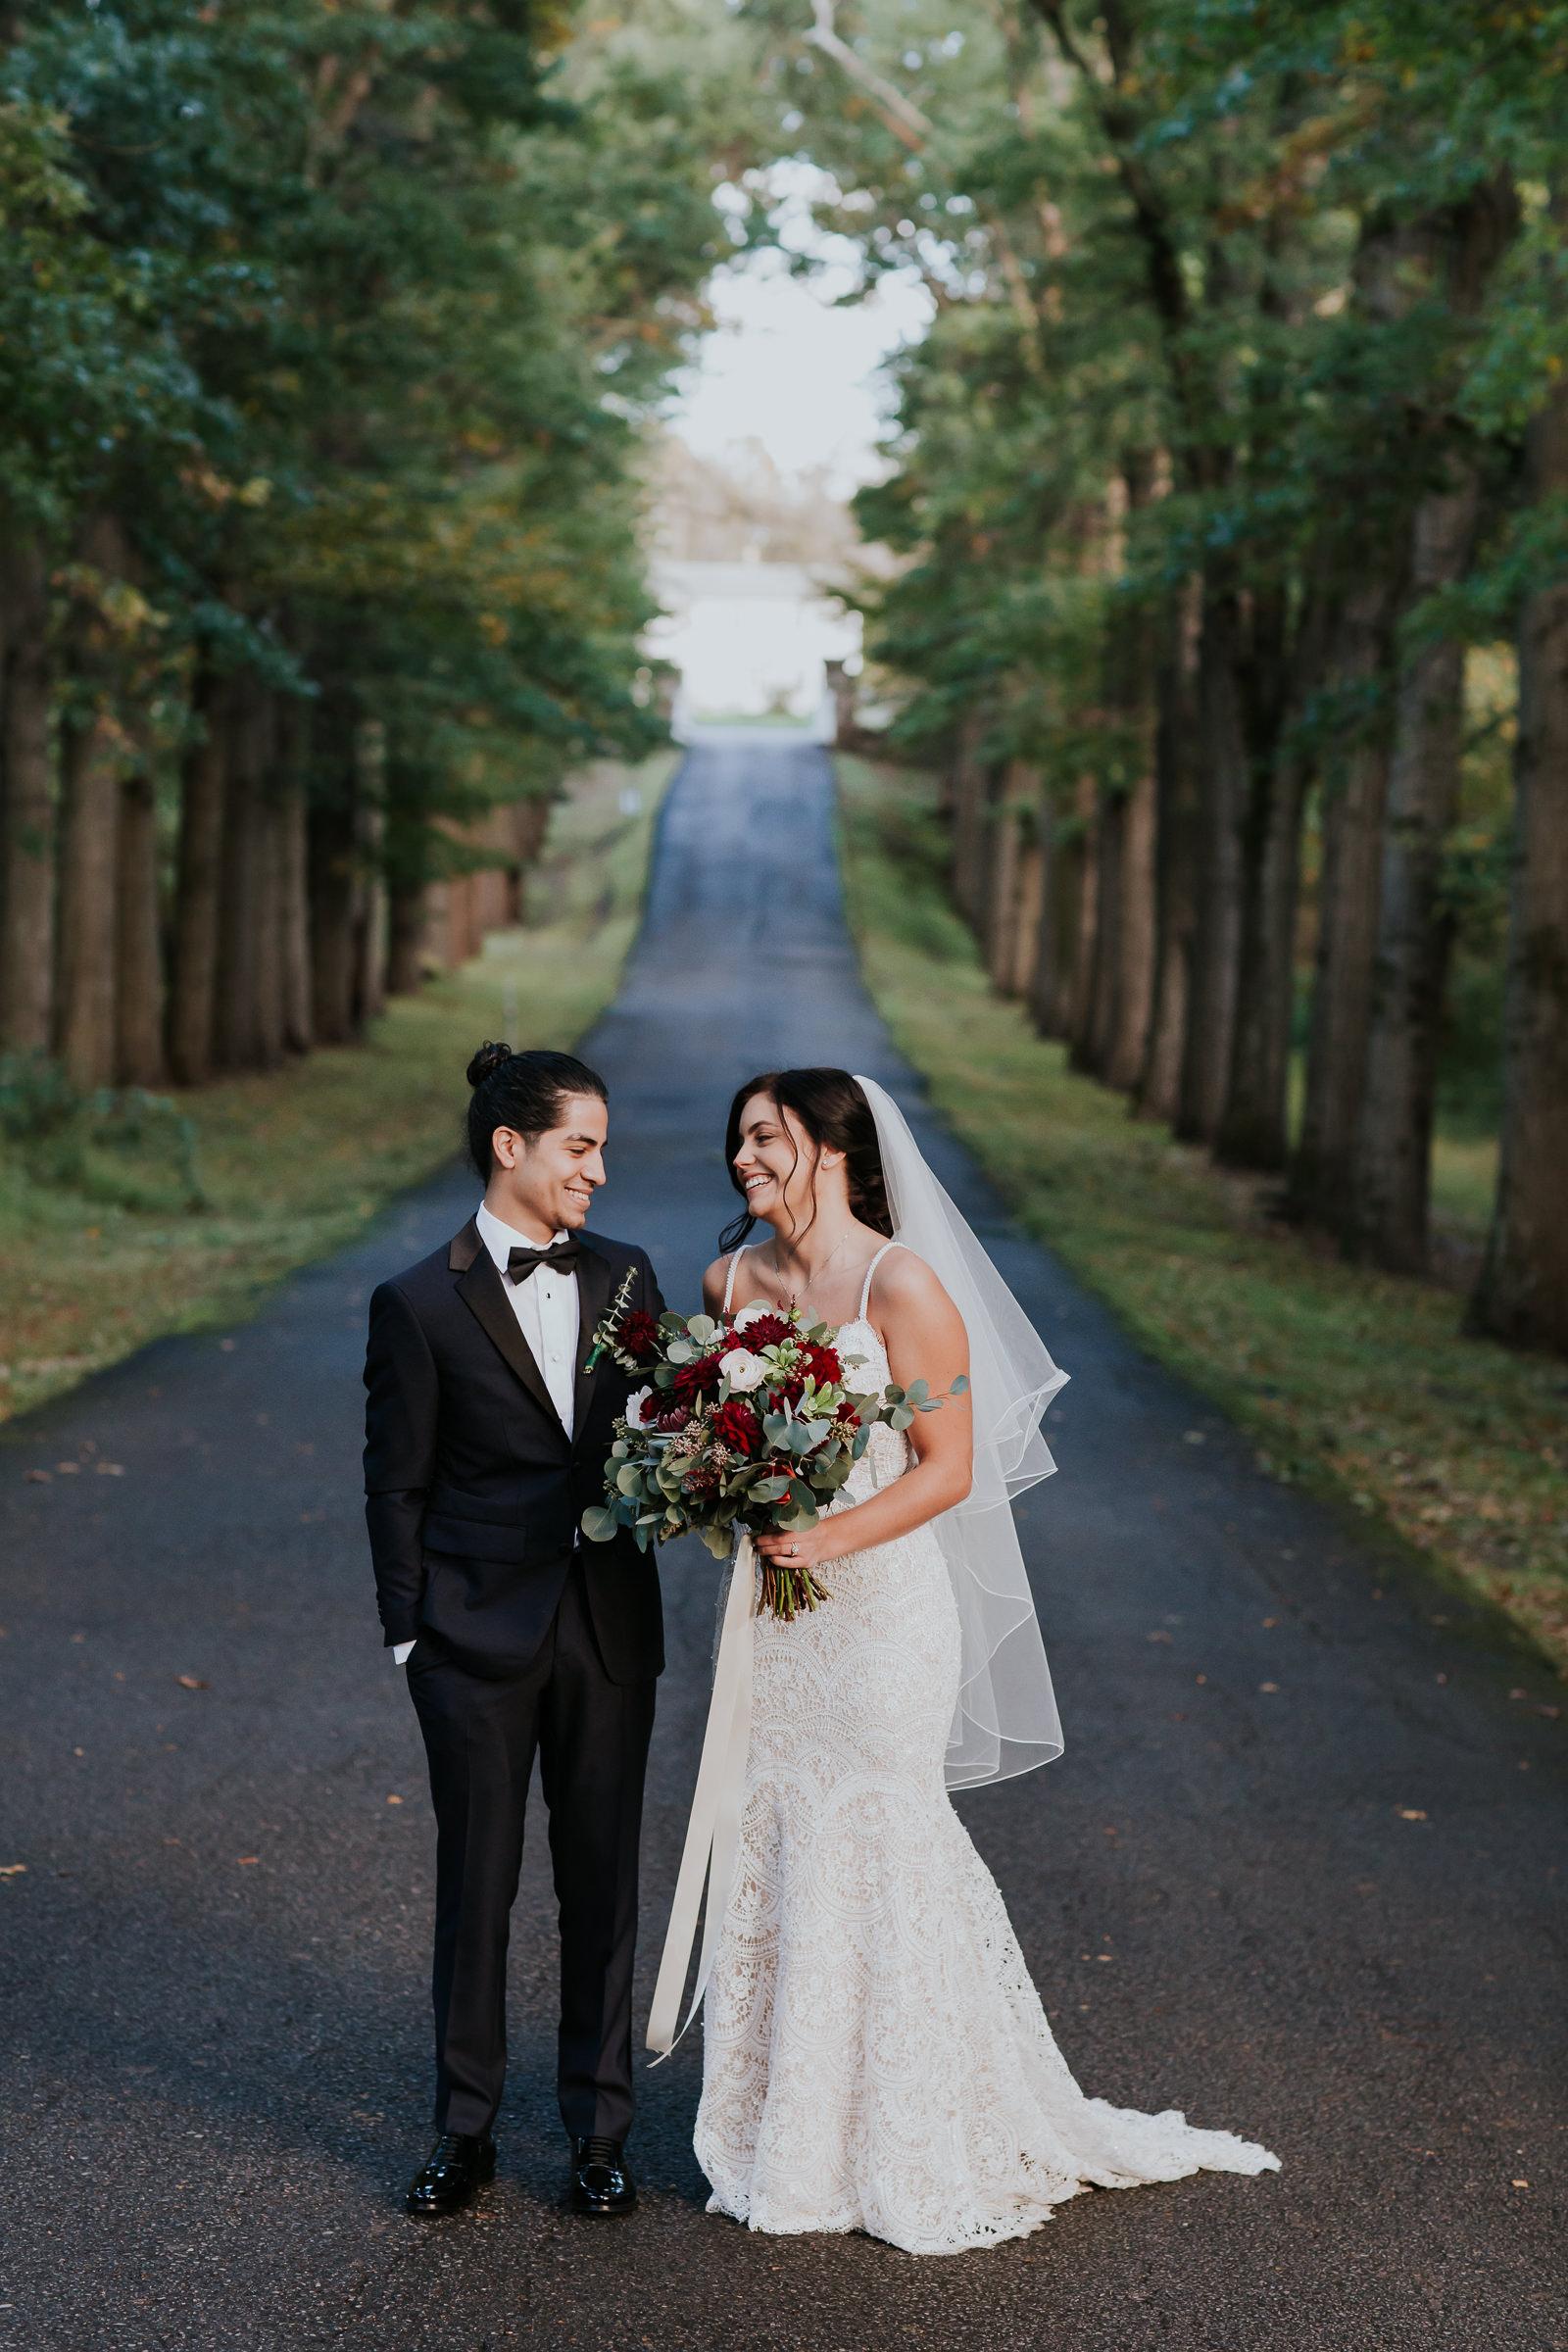 Arrow-Park-Monroe-NY-Documentary-Wedding-Photographer-67.jpg